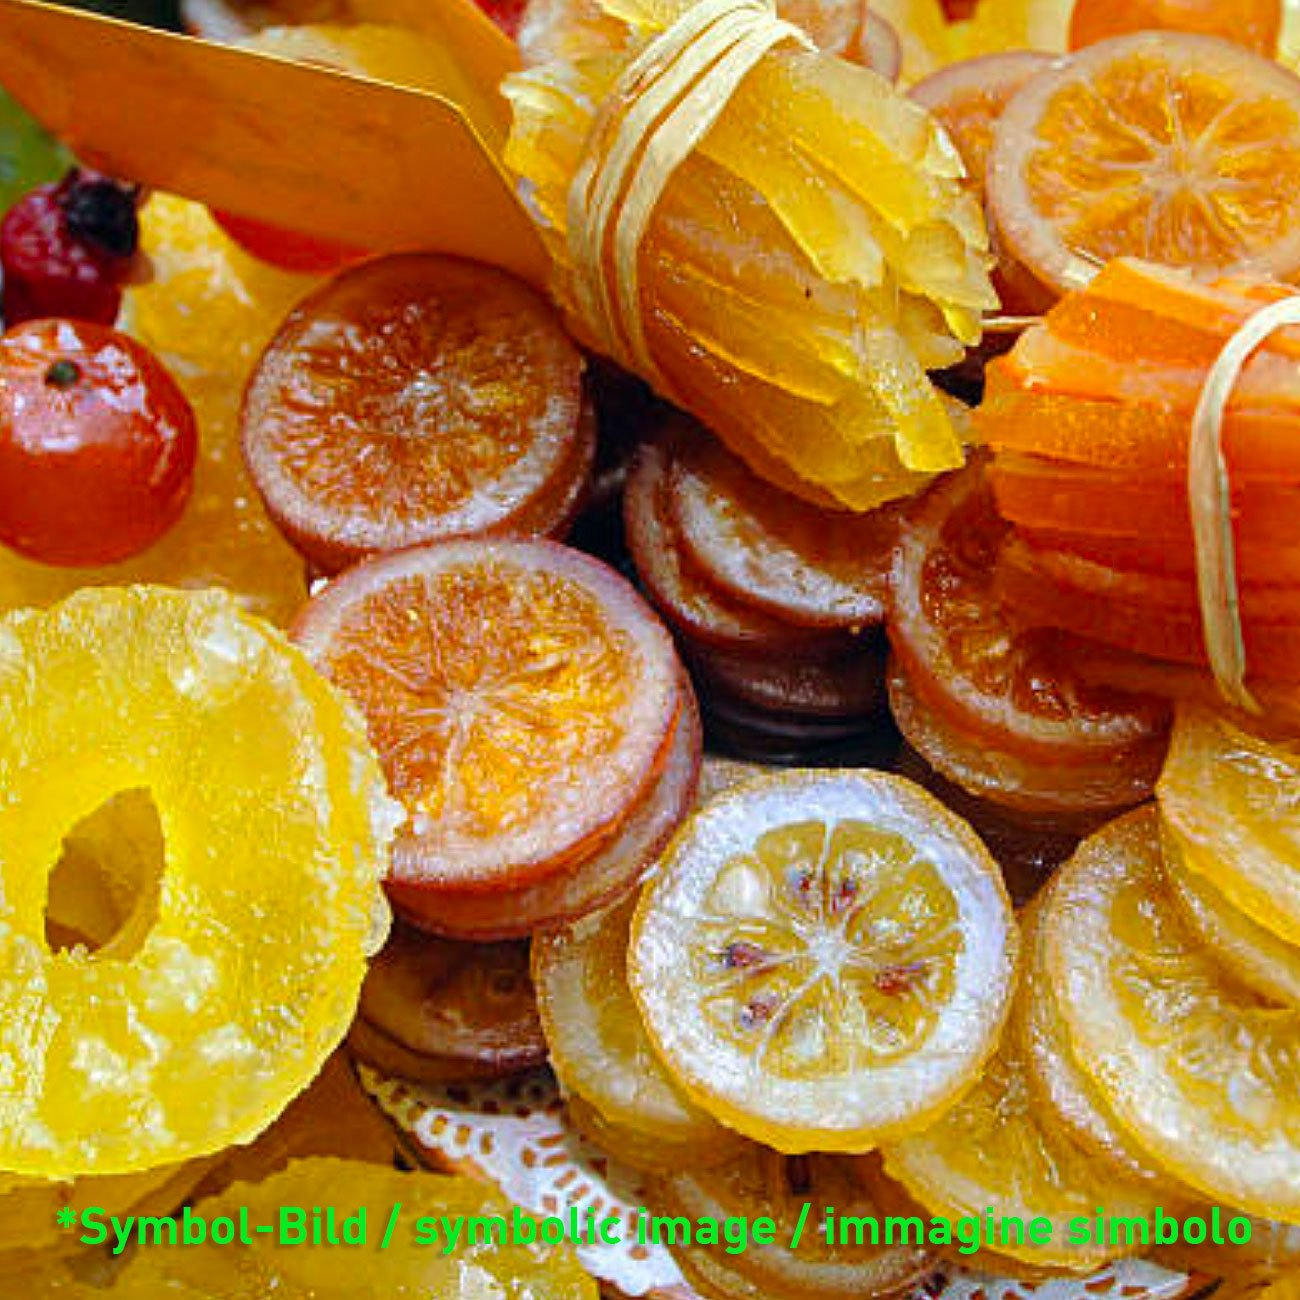 Früchte, kandiert + dreifarbig / frutta candita 3 colori - Dose 5 kg - Eisbecher Dekor Garnier Artikel